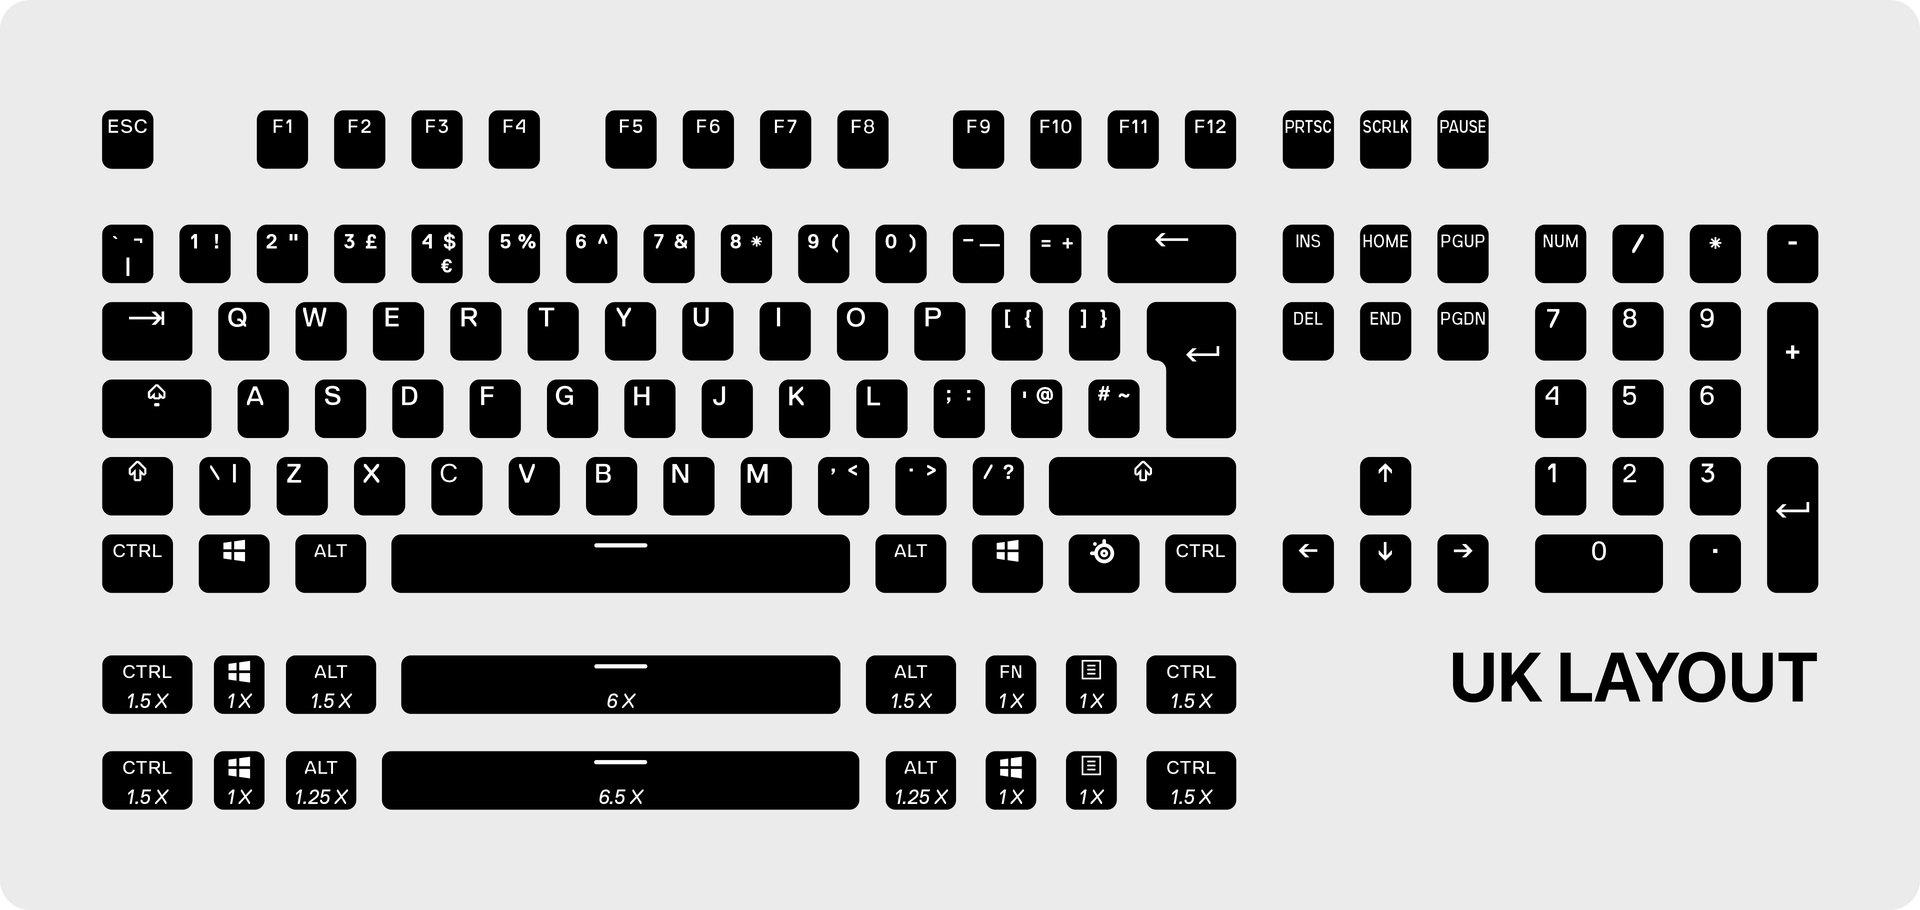 Touches Prismcaps britanniques avec 2ensembles supplémentaires (16touches) de touches de clavier pour des configurations alternatives de la rangée du bas.